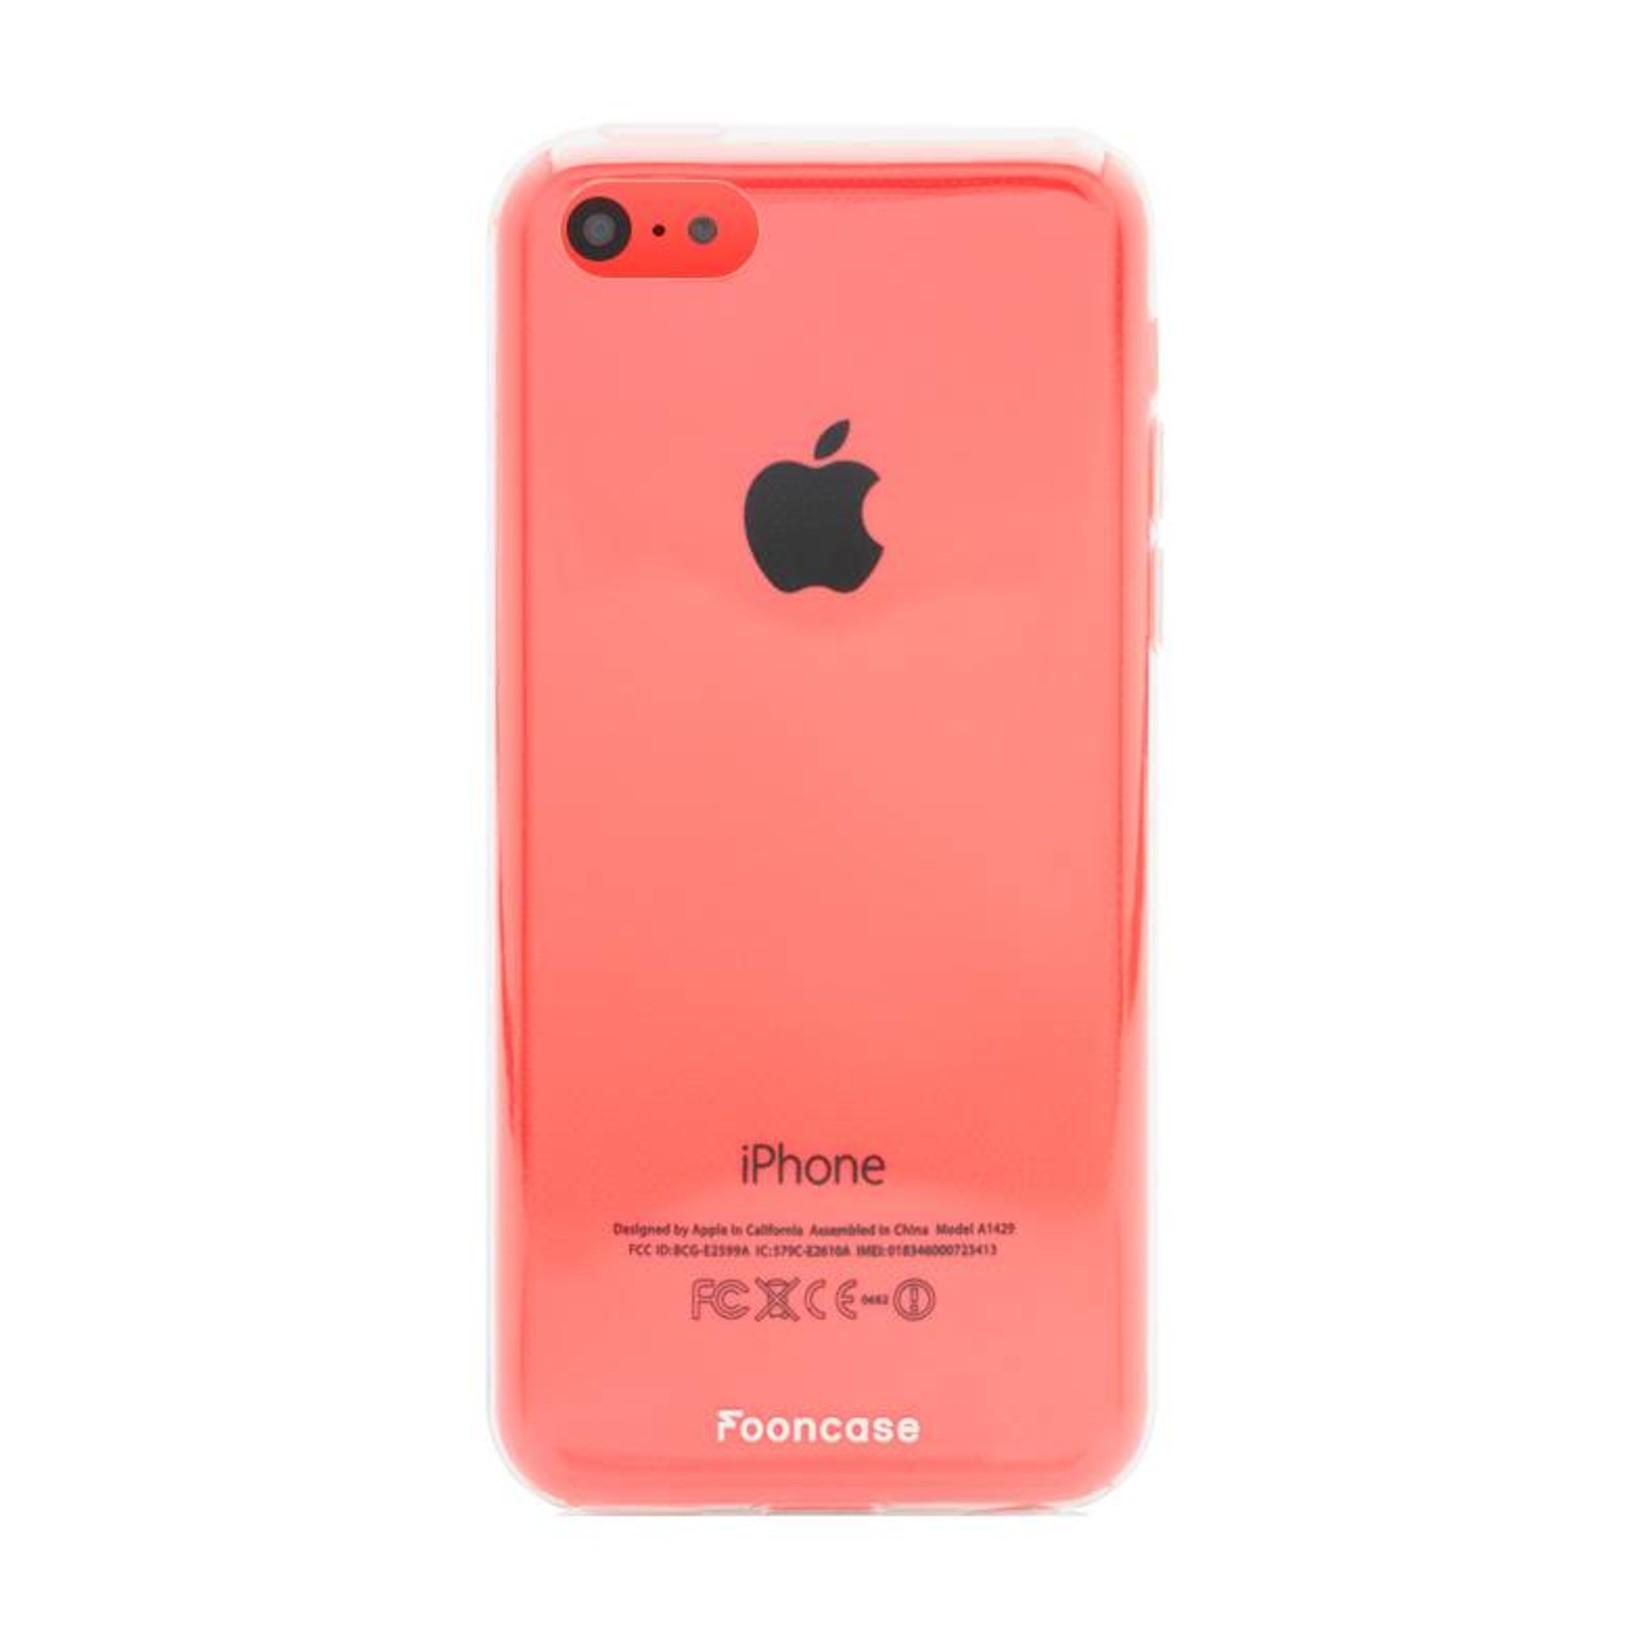 FOONCASE Iphone 5C Handyhülle - Transparant